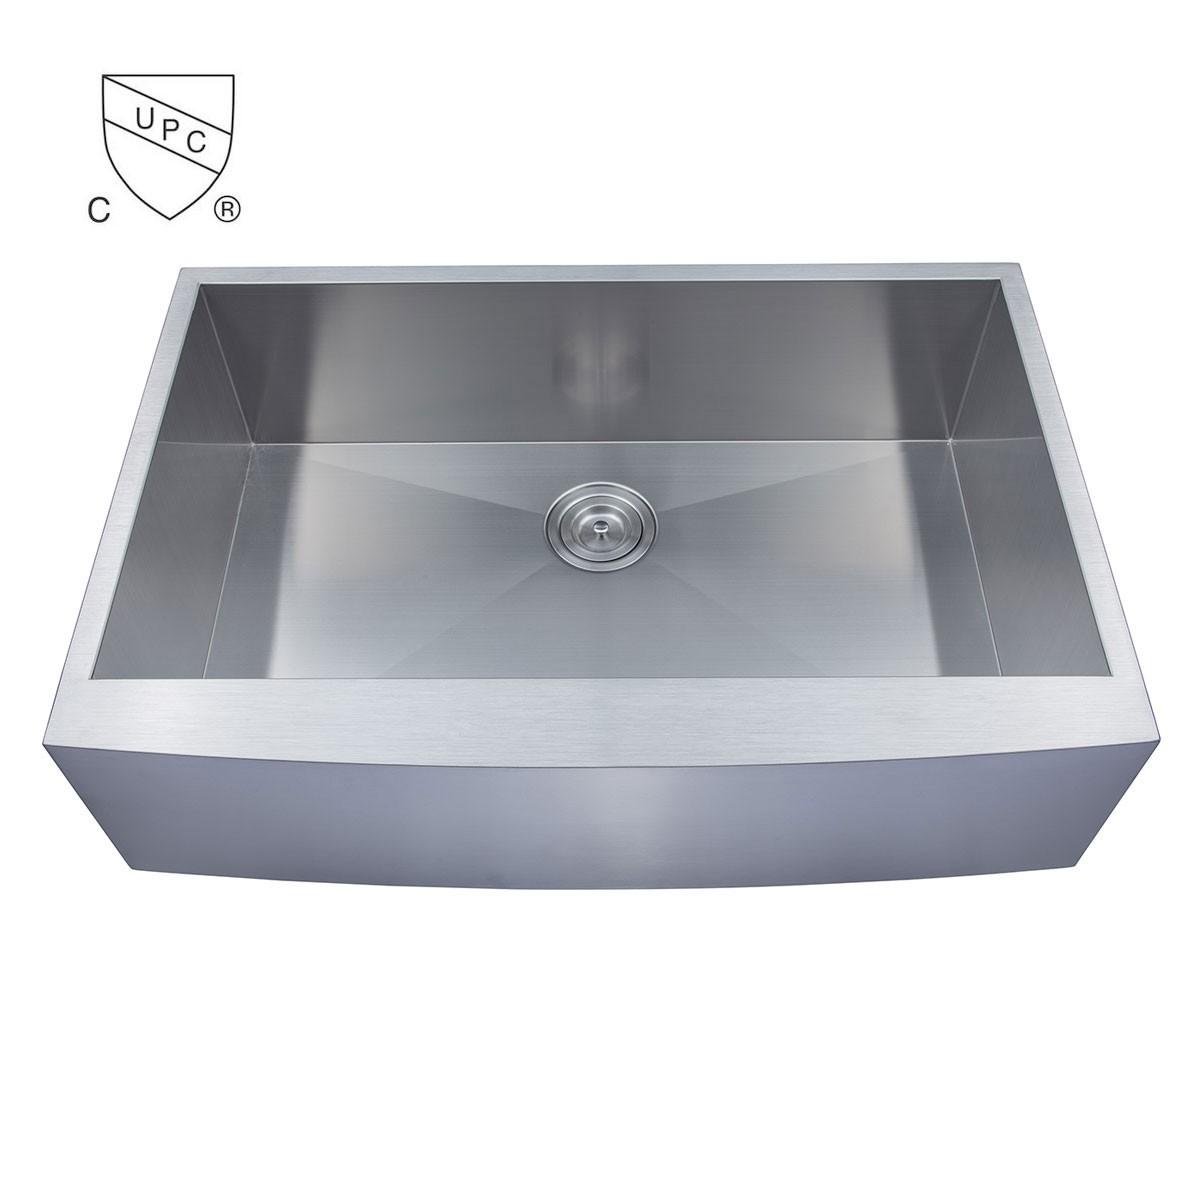 Stainless Steel Handmade Kitchen Sink (DK-SC-AF3322-R0) Decoraport ...